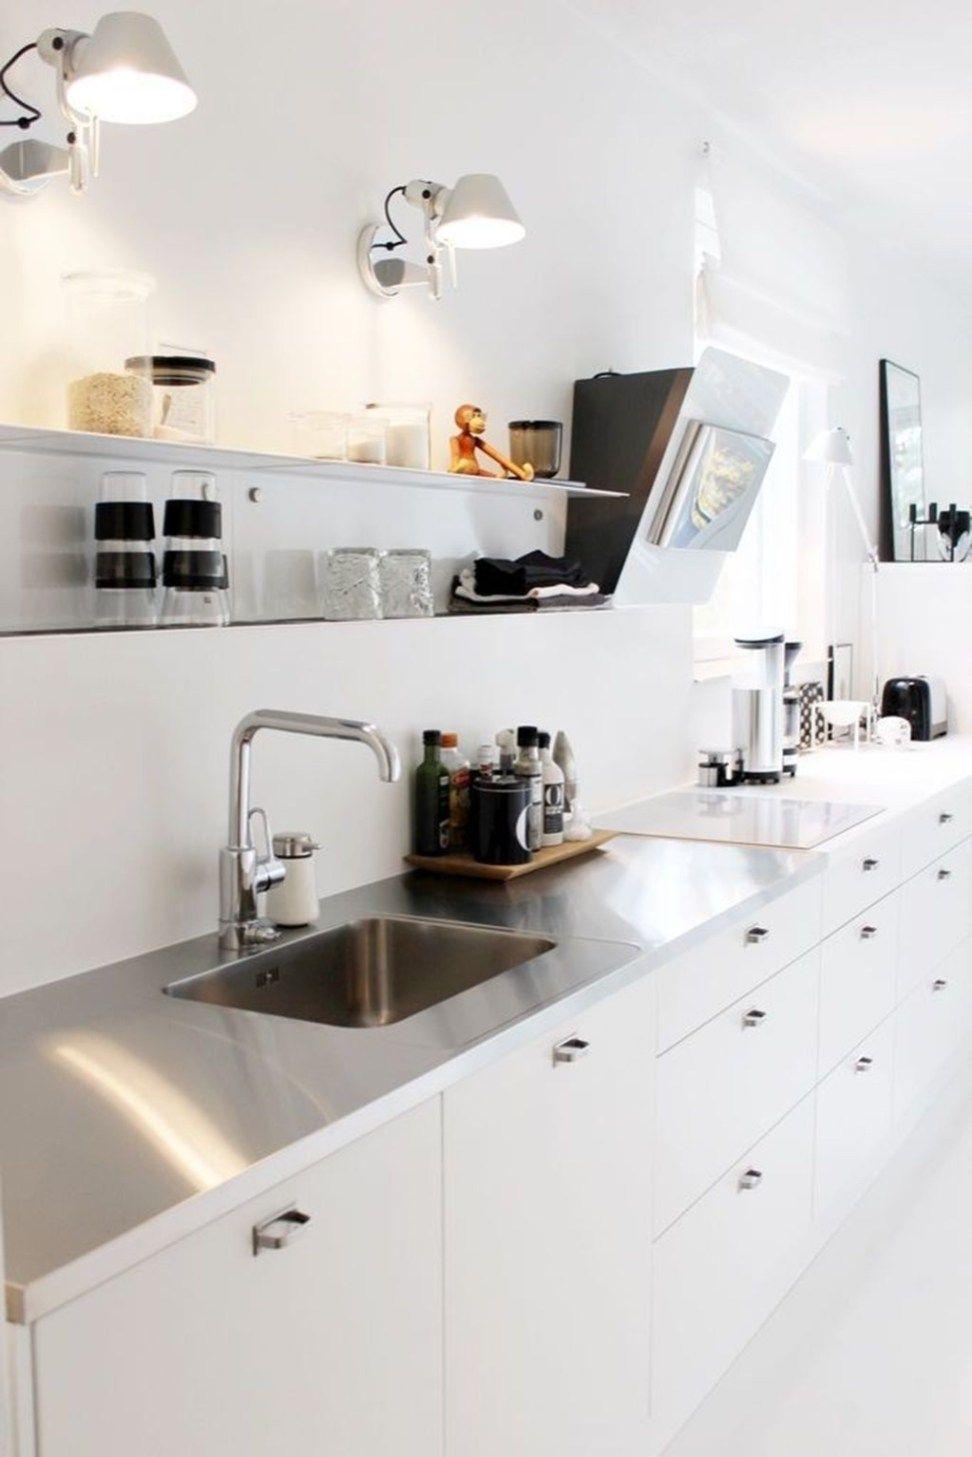 Simple Modern Scandinavian Kitchen Inspirations04 ...